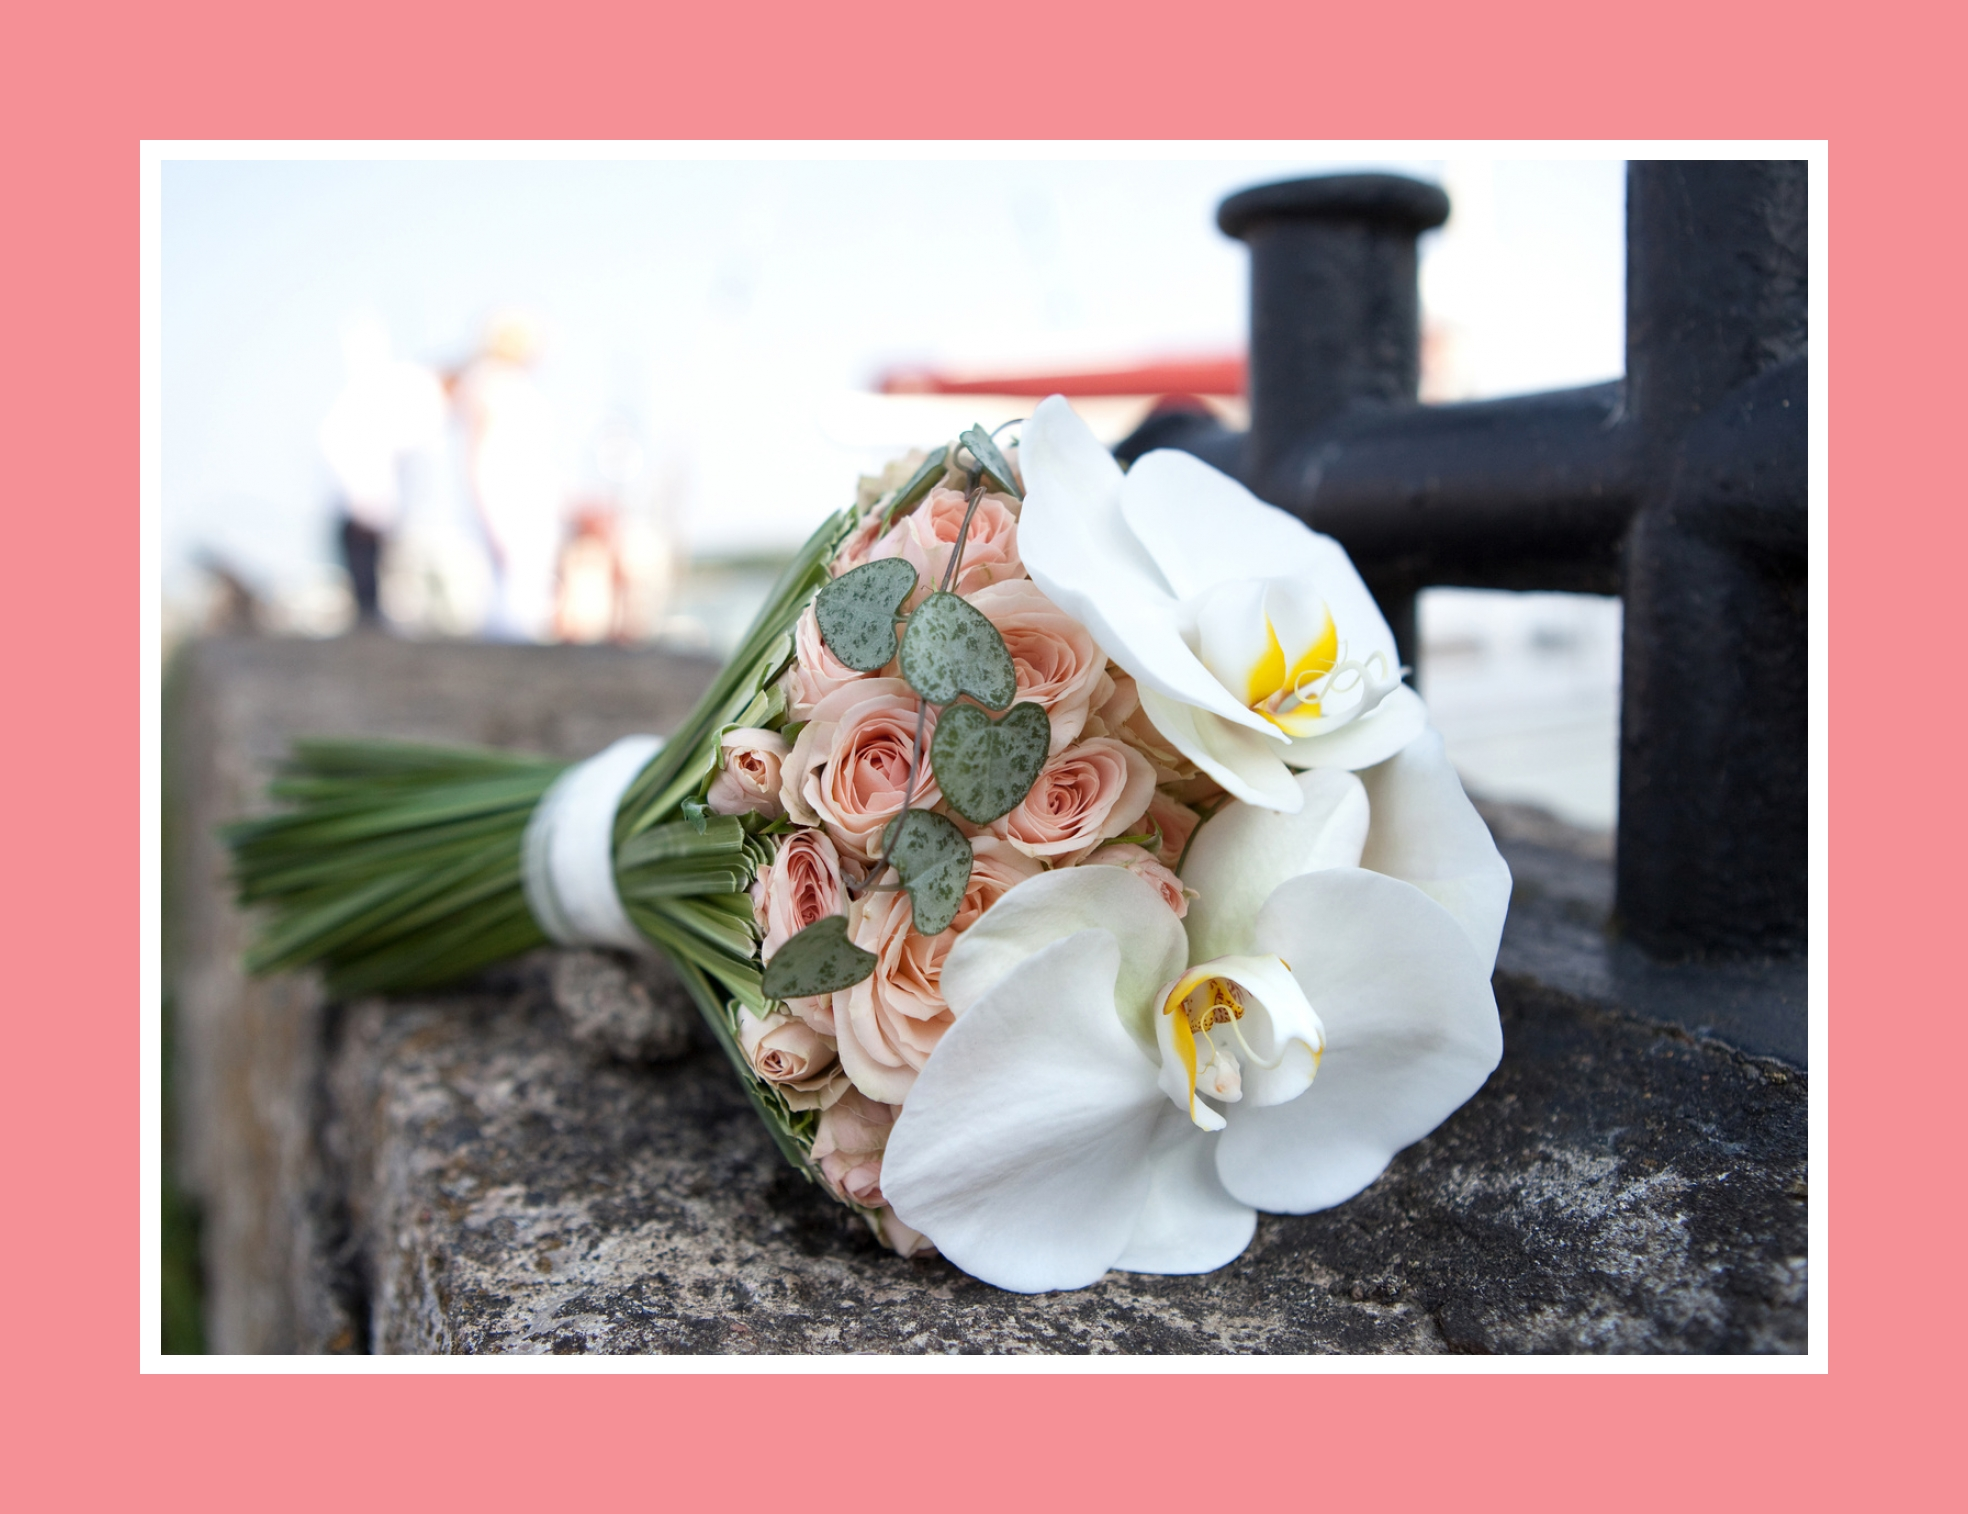 Strauß aus weißen Orchideen, hellrosa Rosen und Efeu